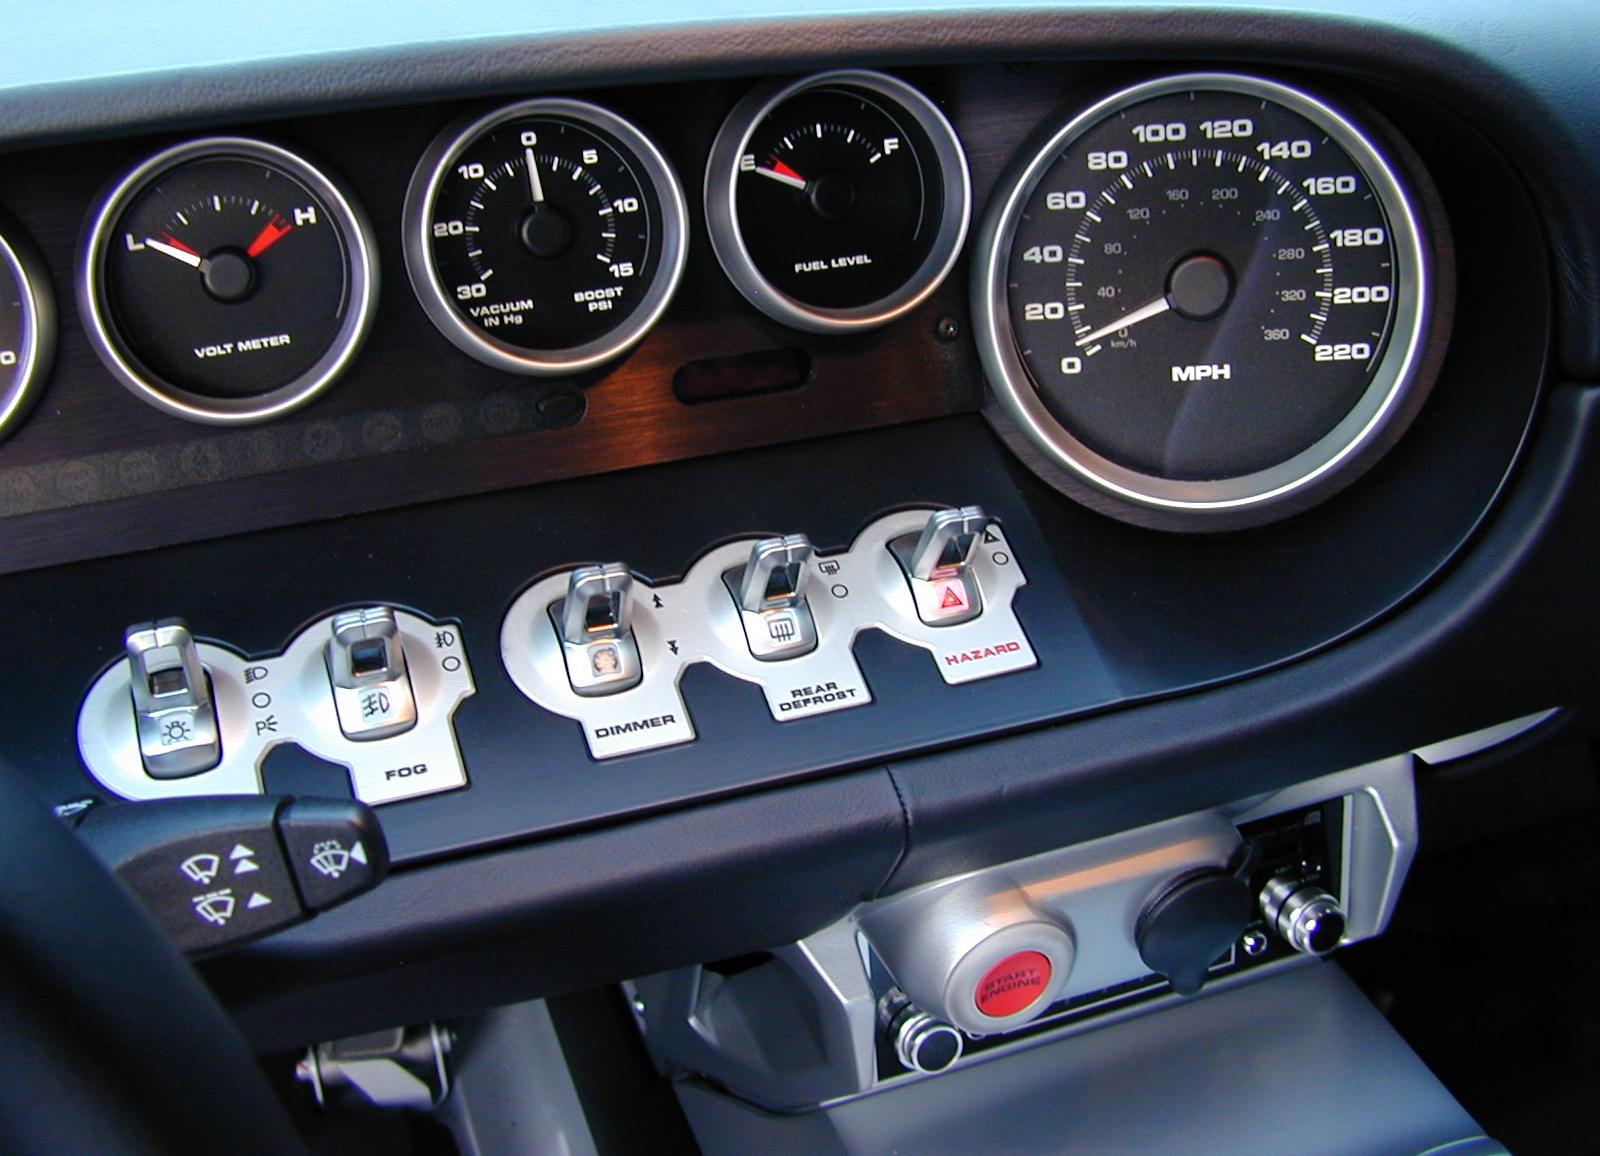 2005 Ford GT Gauge Cluster